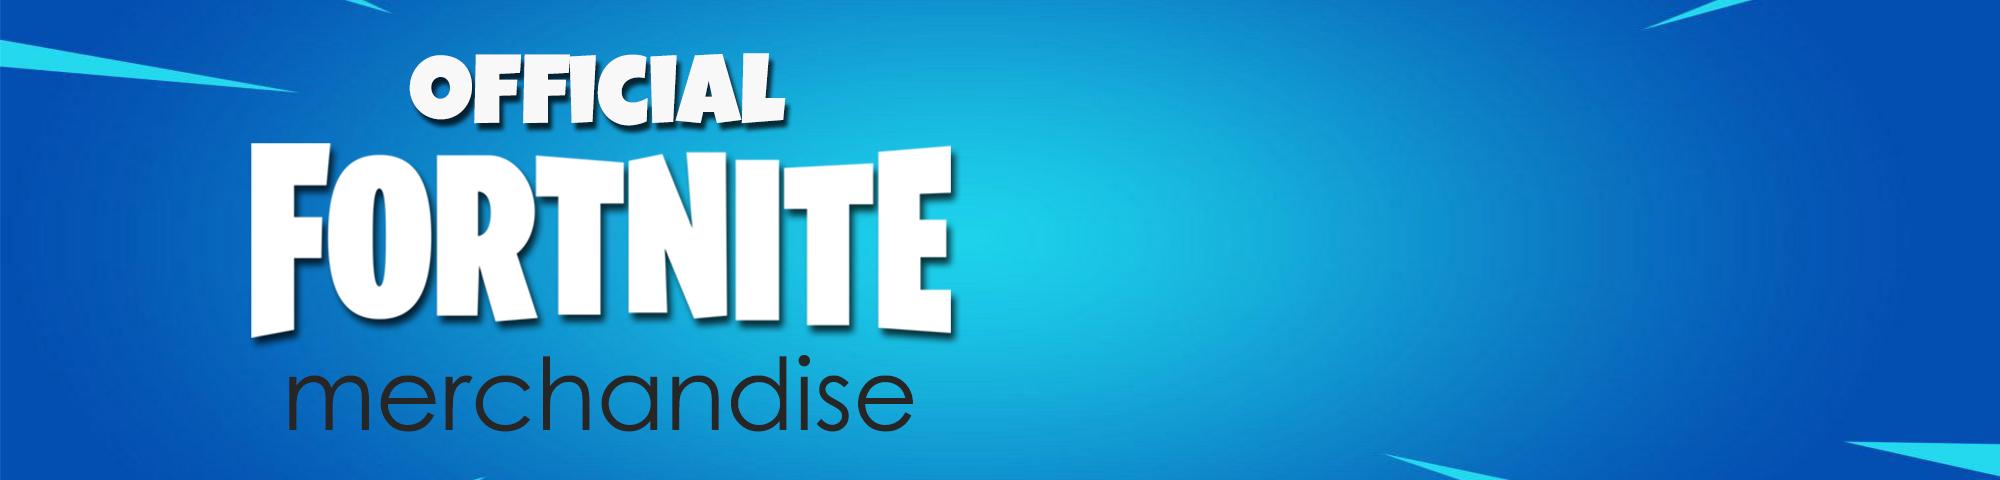 Fortnite banner 2